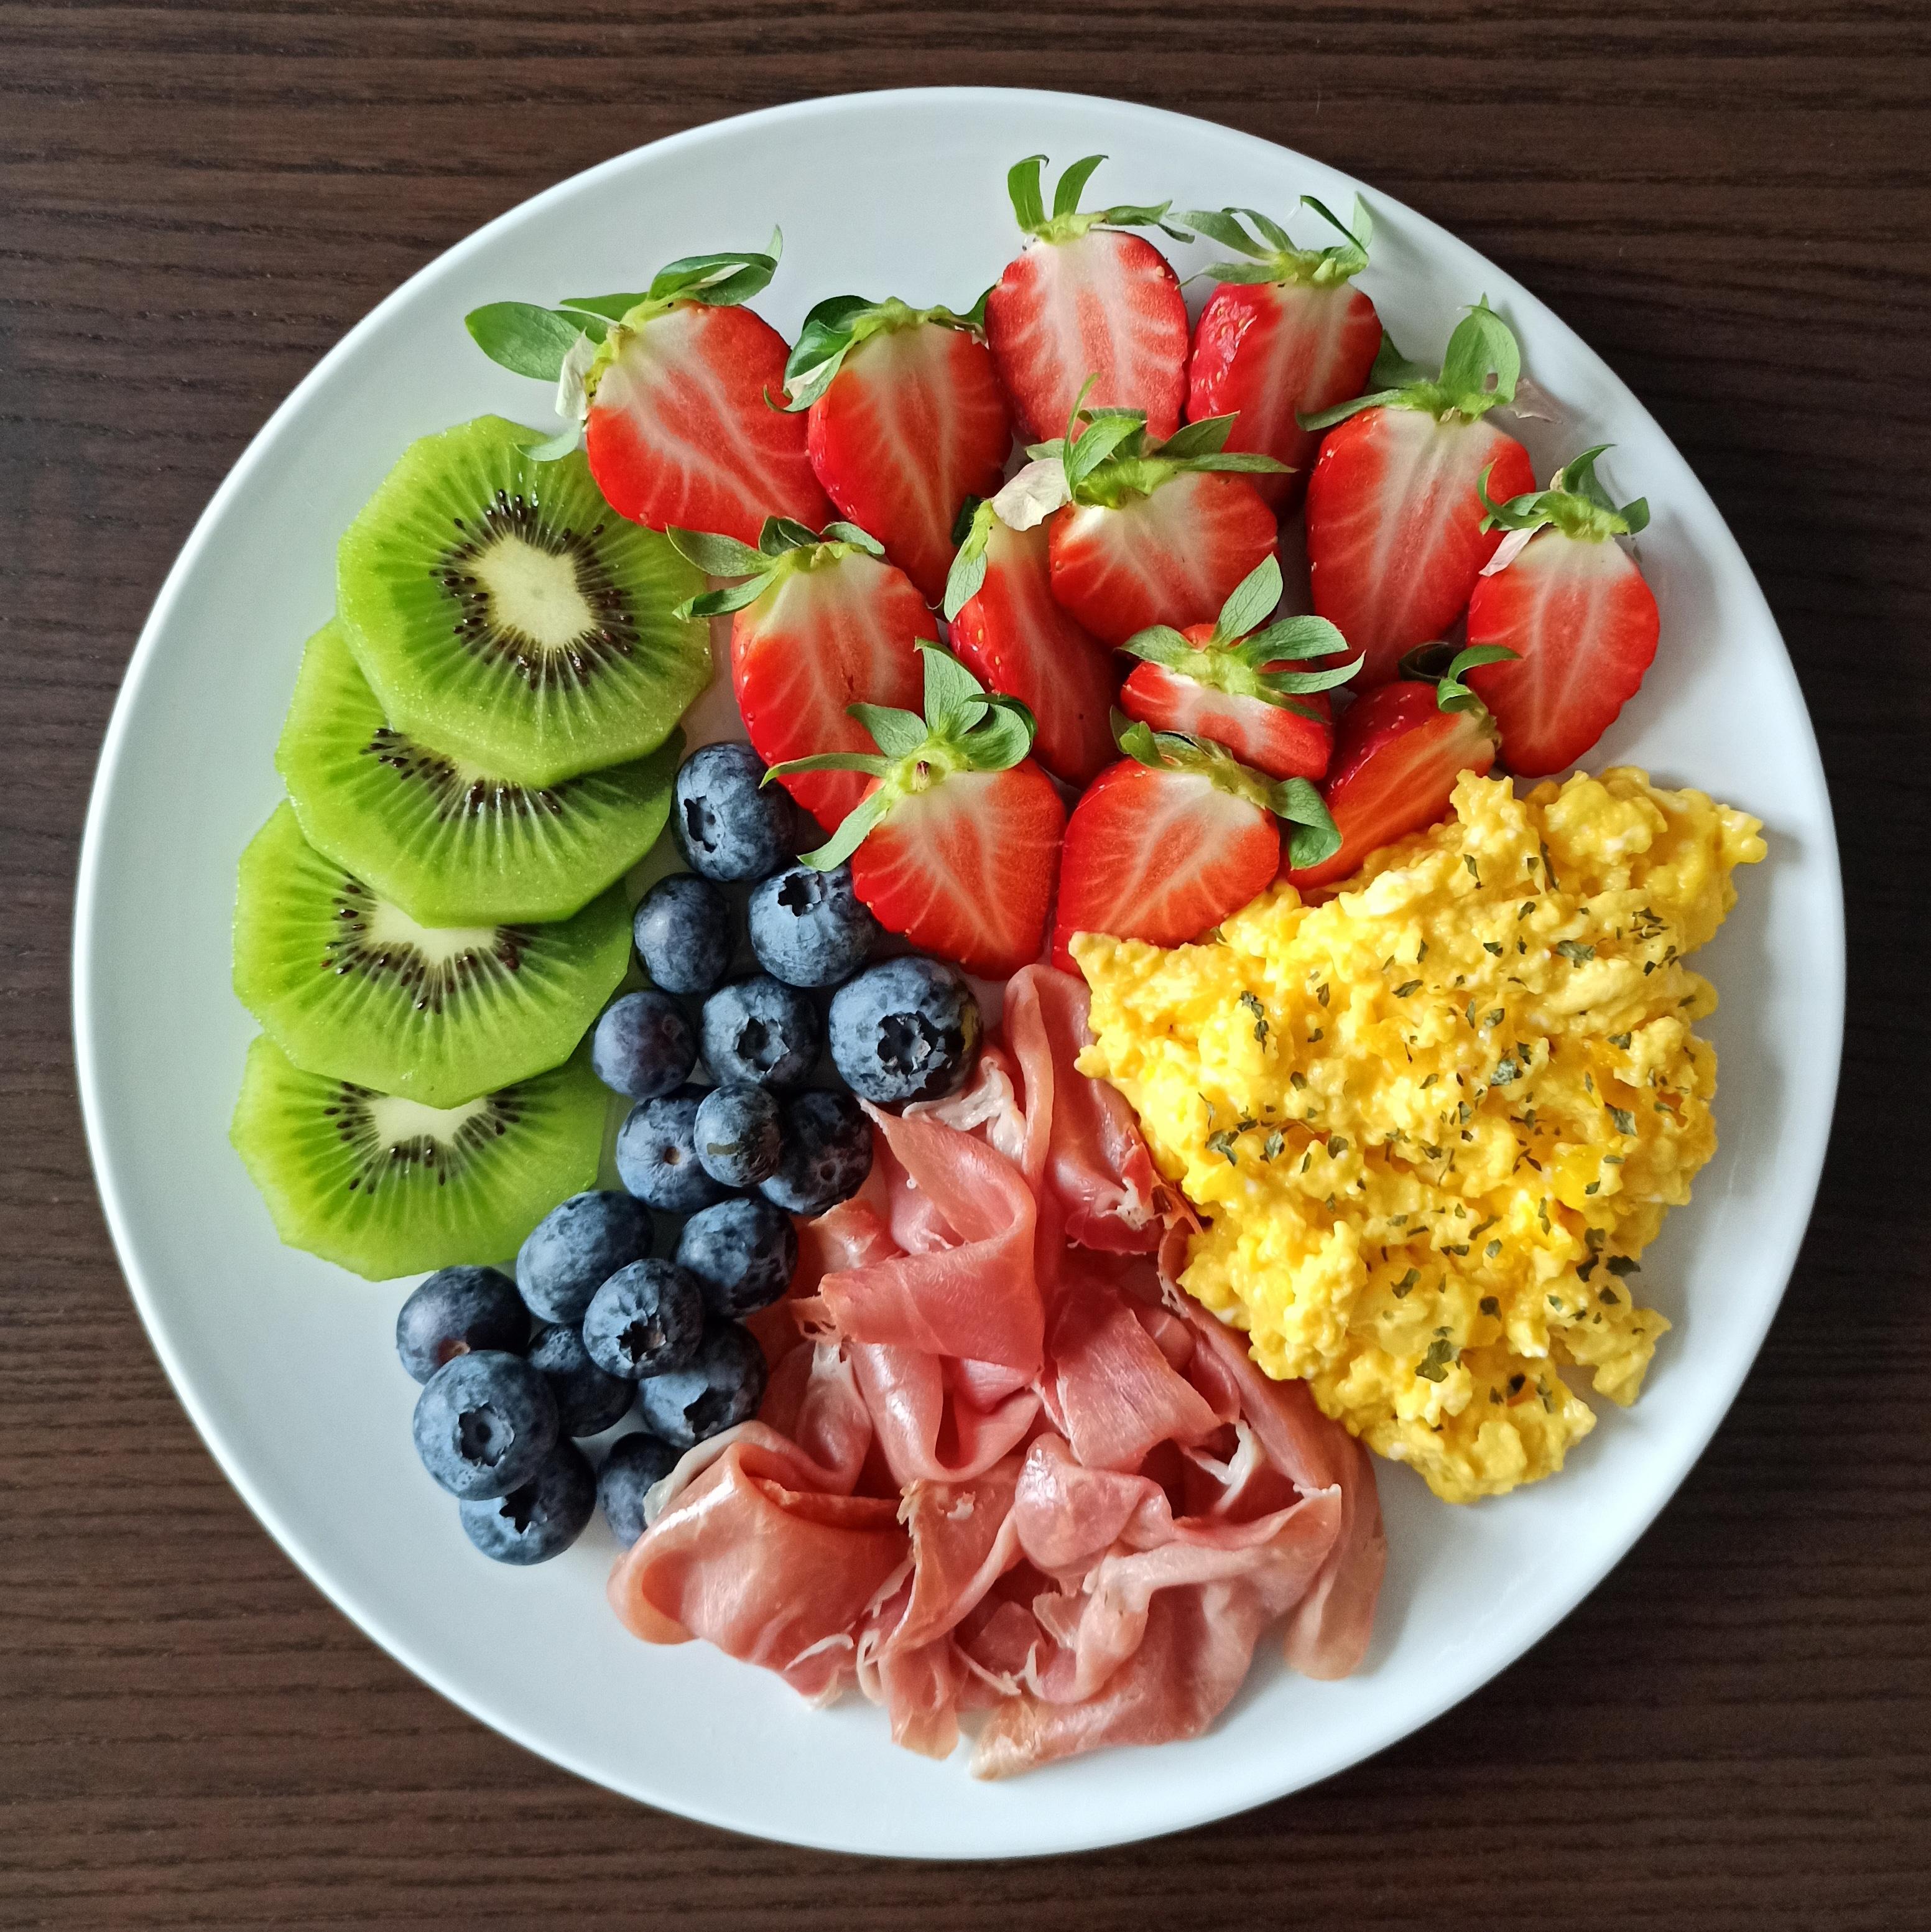 Huevos revueltos, jamón serrano y fruta